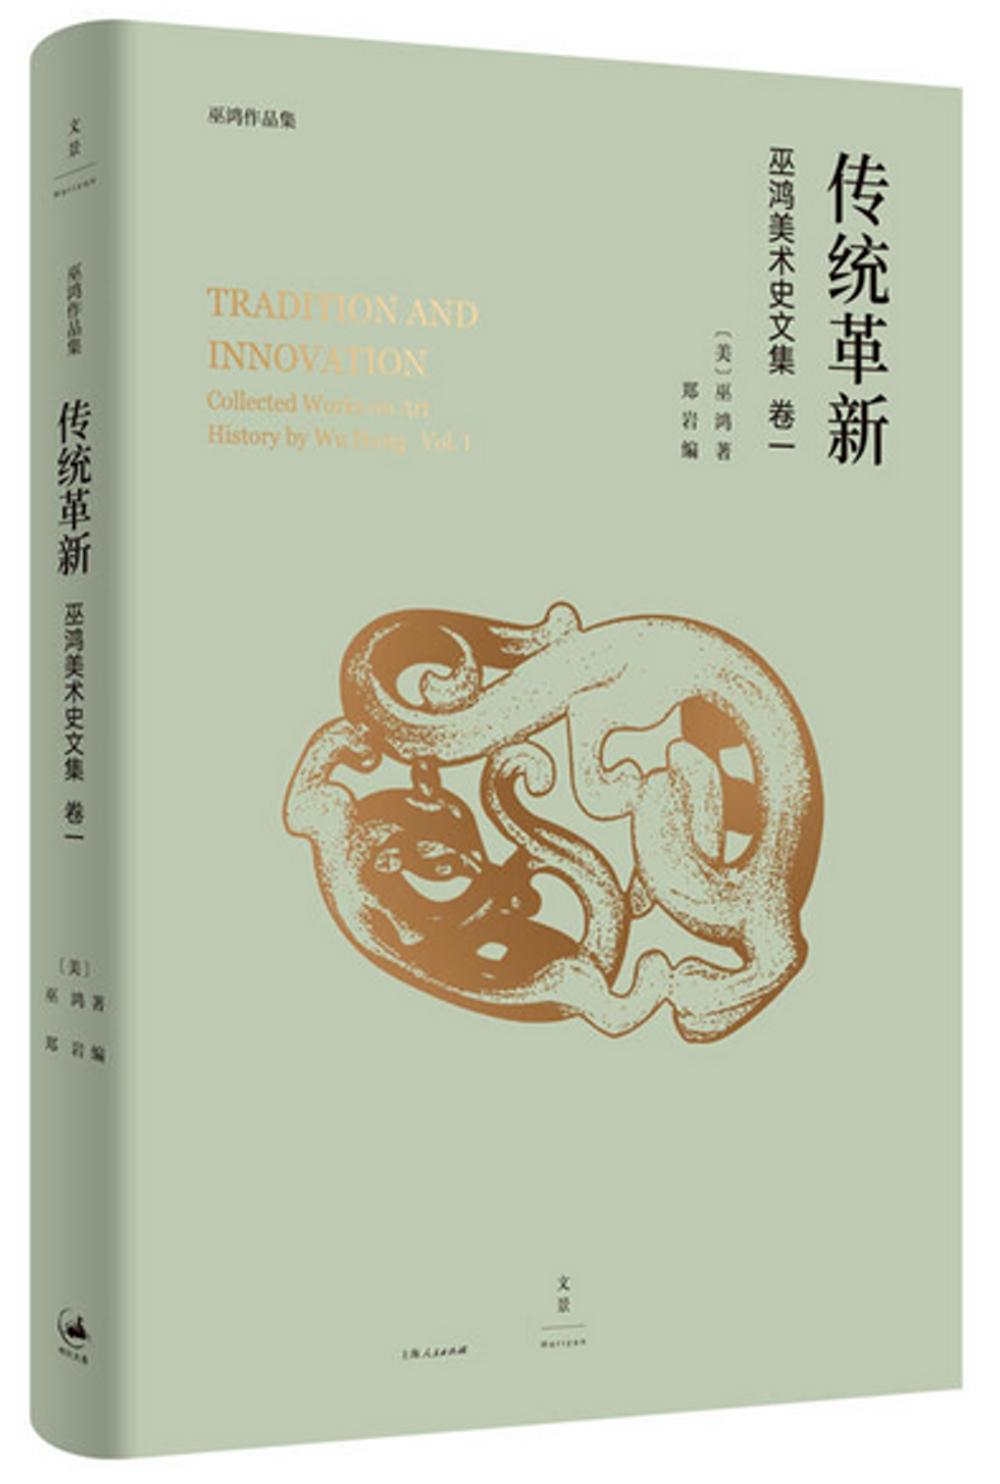 傳統革新:巫鴻美術史文集(卷一)